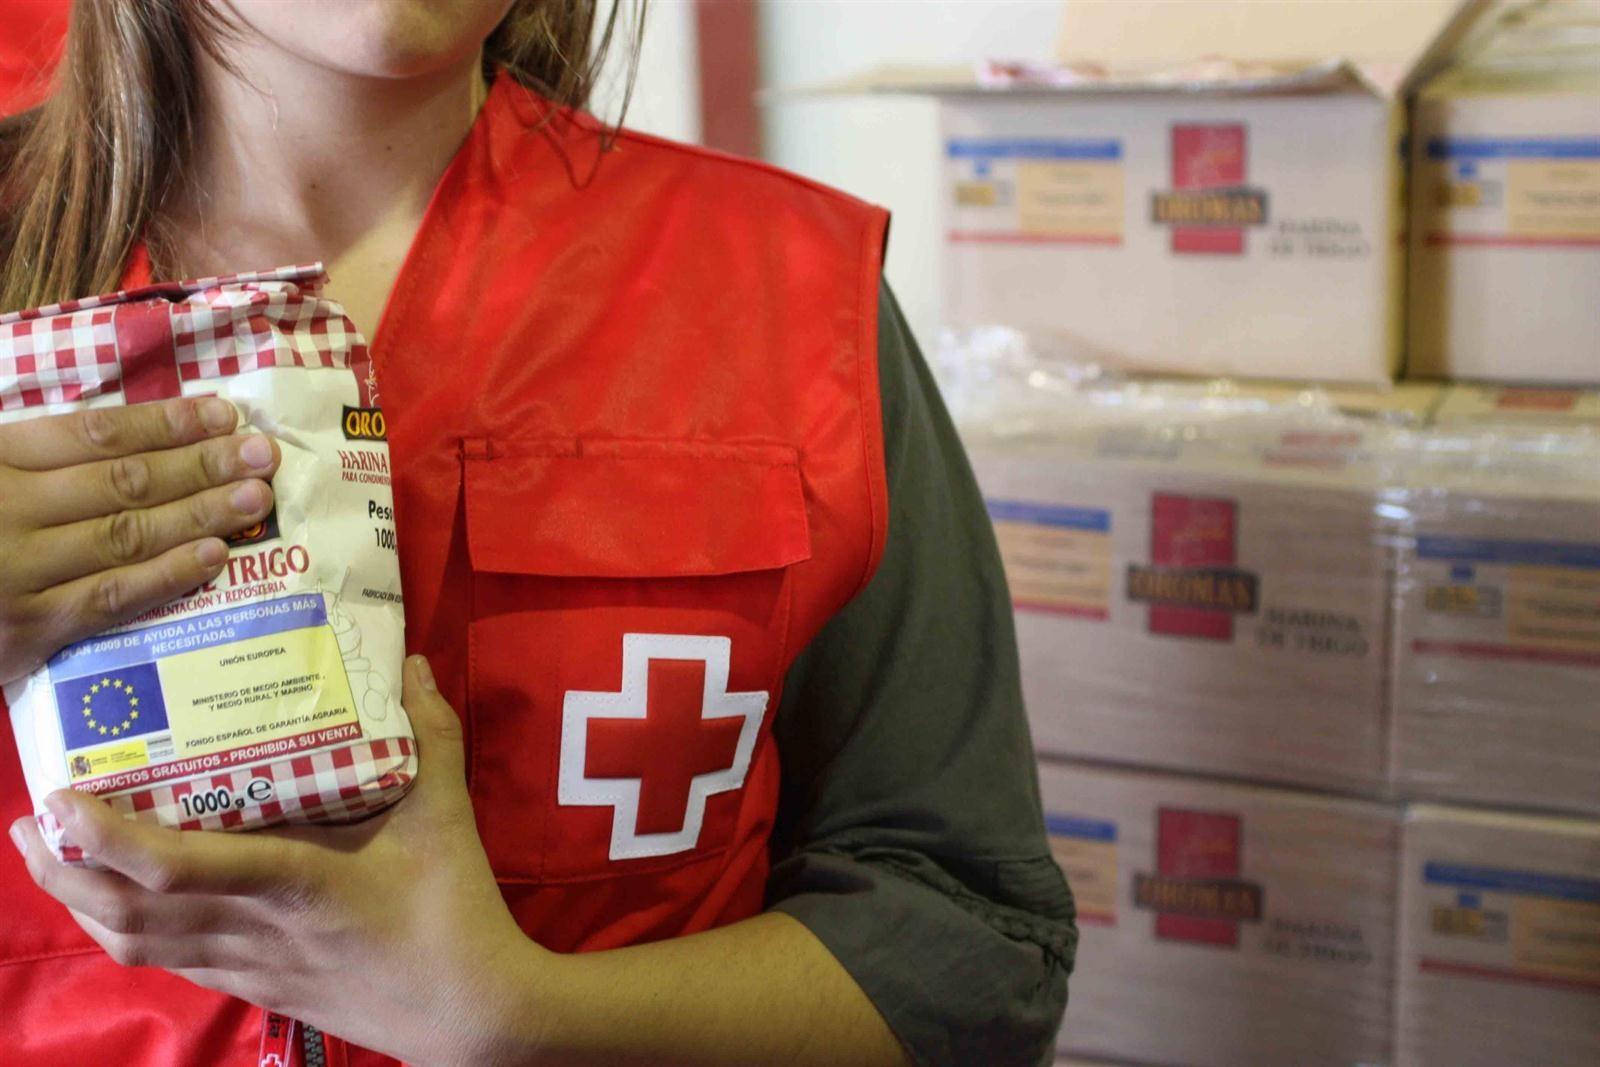 Cruz Roja reparte 120.842 kilos de alimentos a 27 entidades ...